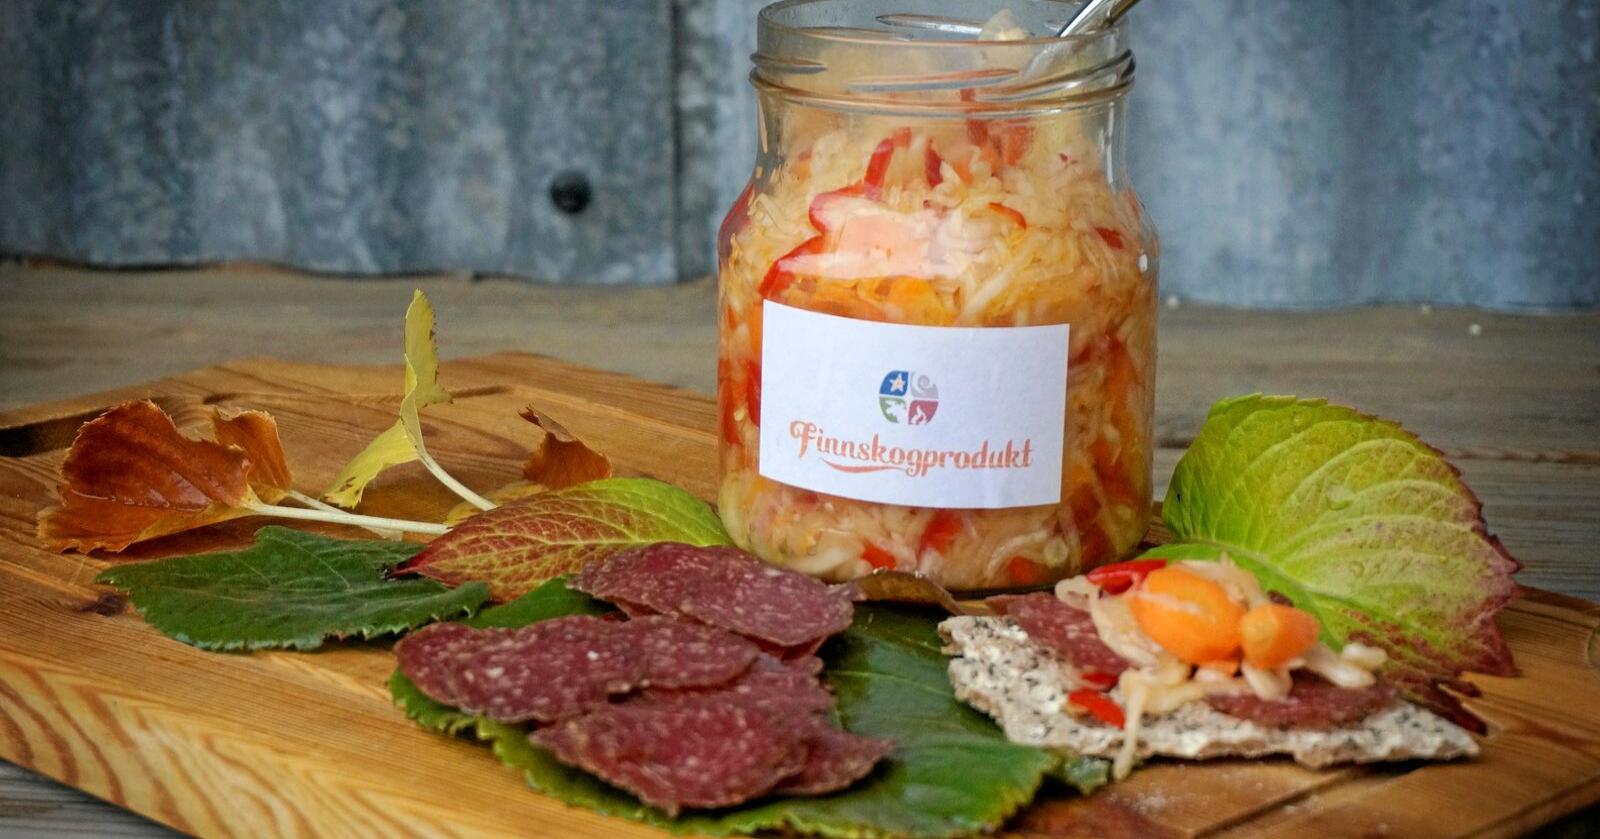 Lokalmat, som mat frå Finnskogmat, kan snart være produsert med pengar frå folket. Foto: Mariann Tvete